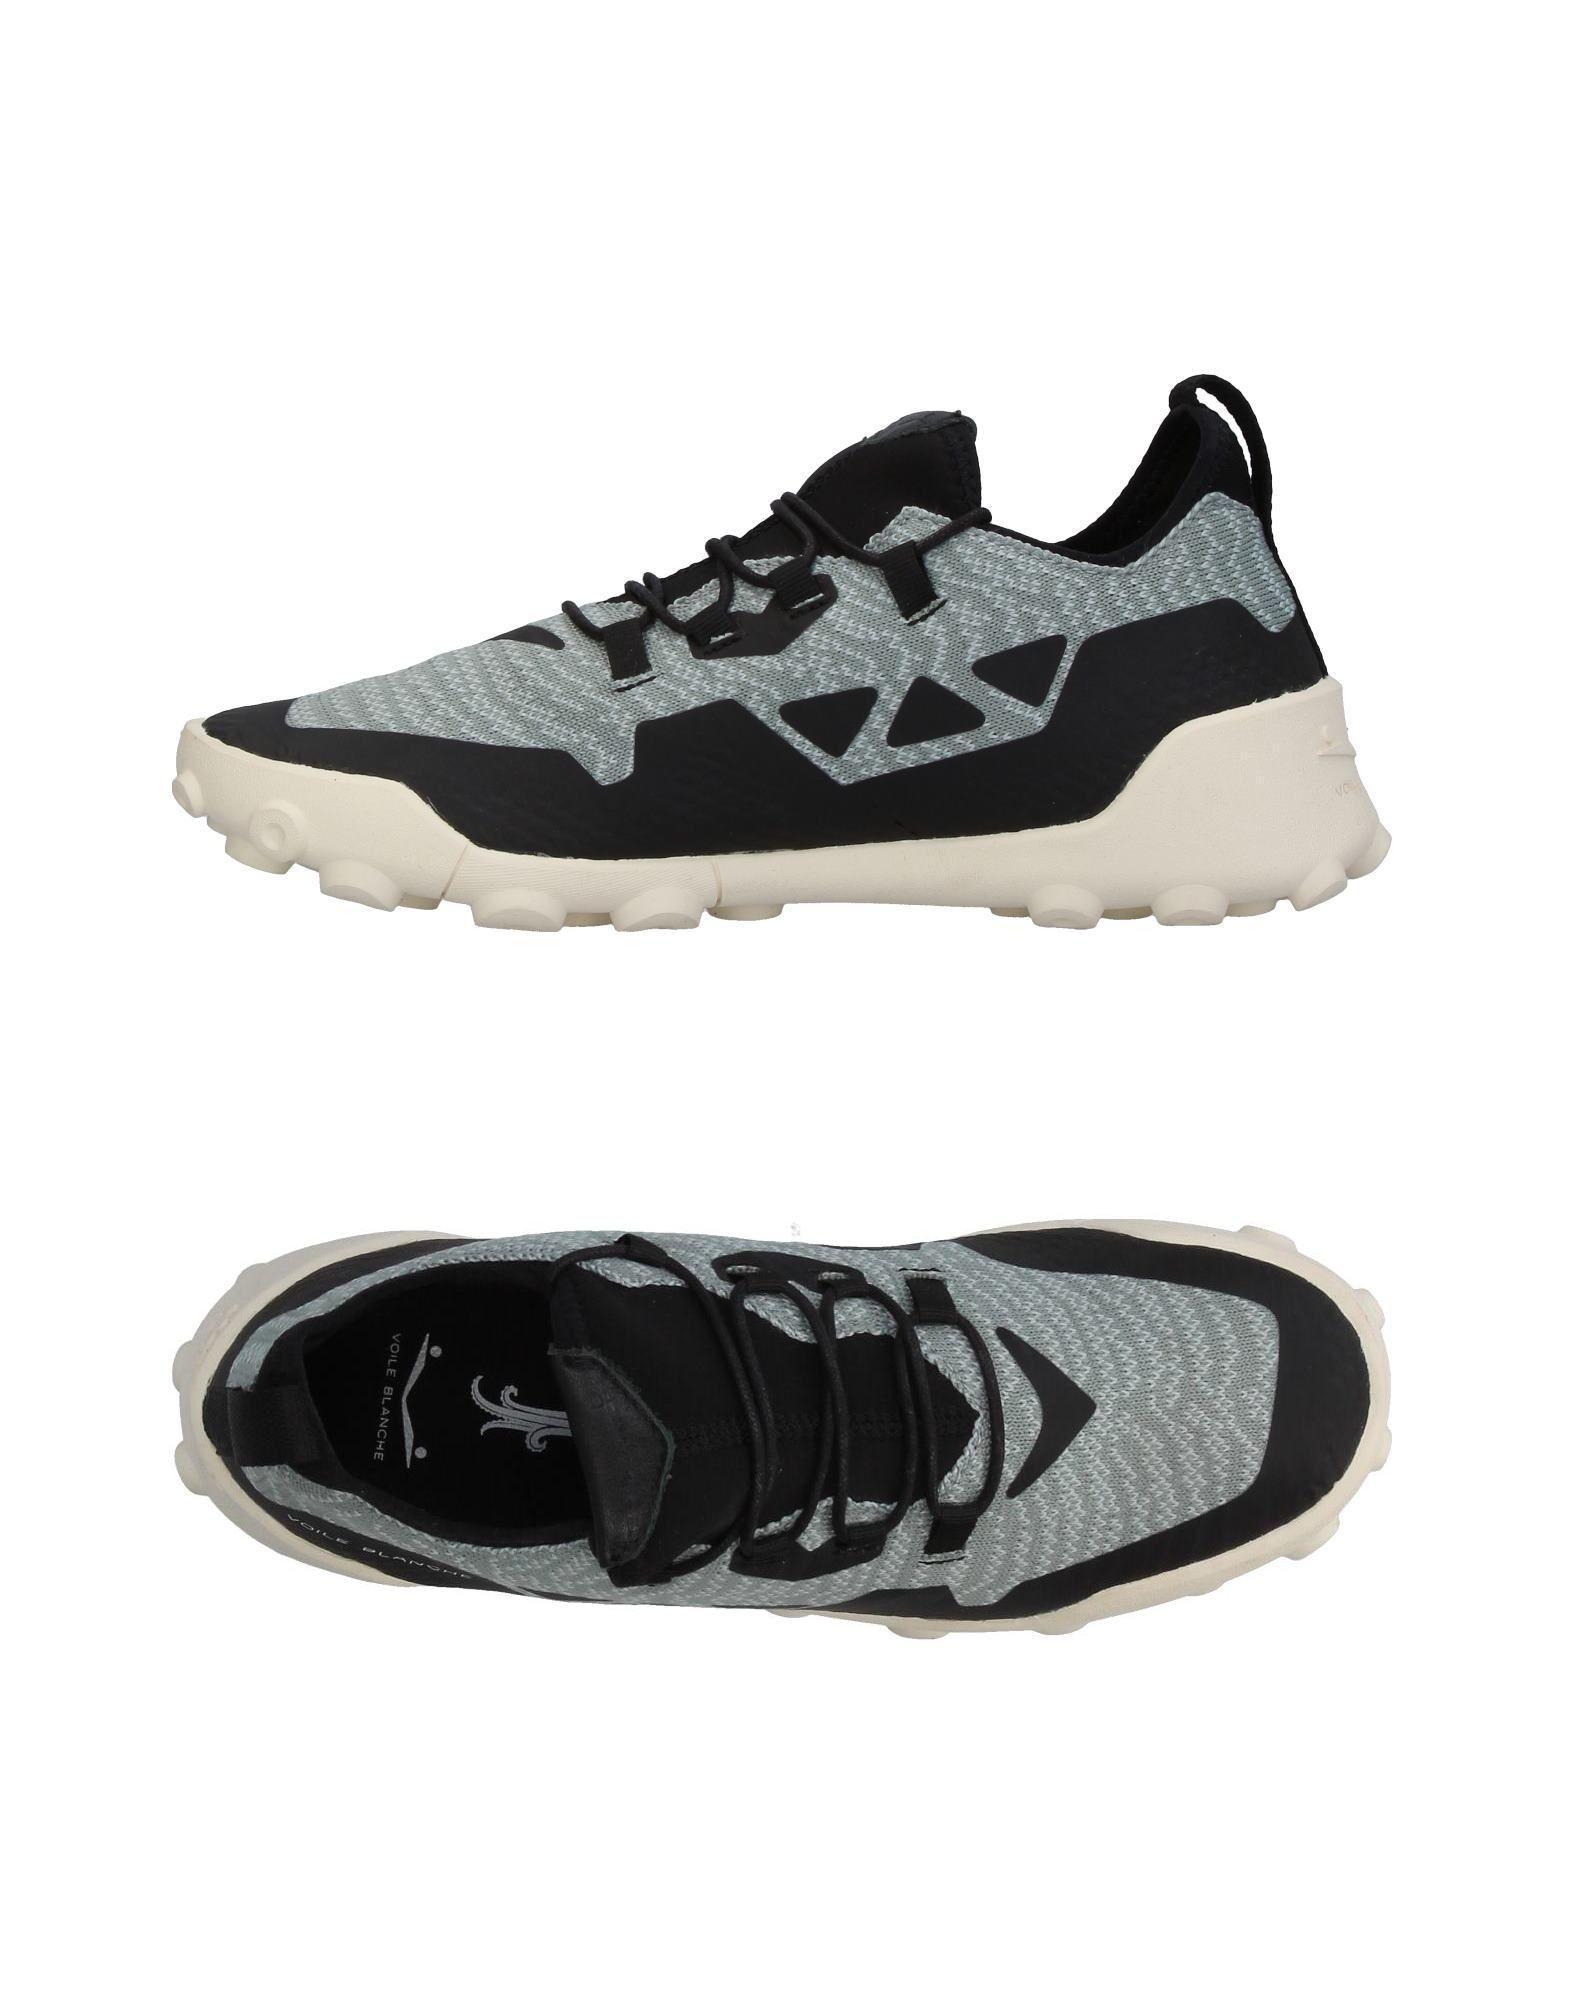 FOOTWEAR - Low-tops & sneakers Voile Blanche eo8qG2HW